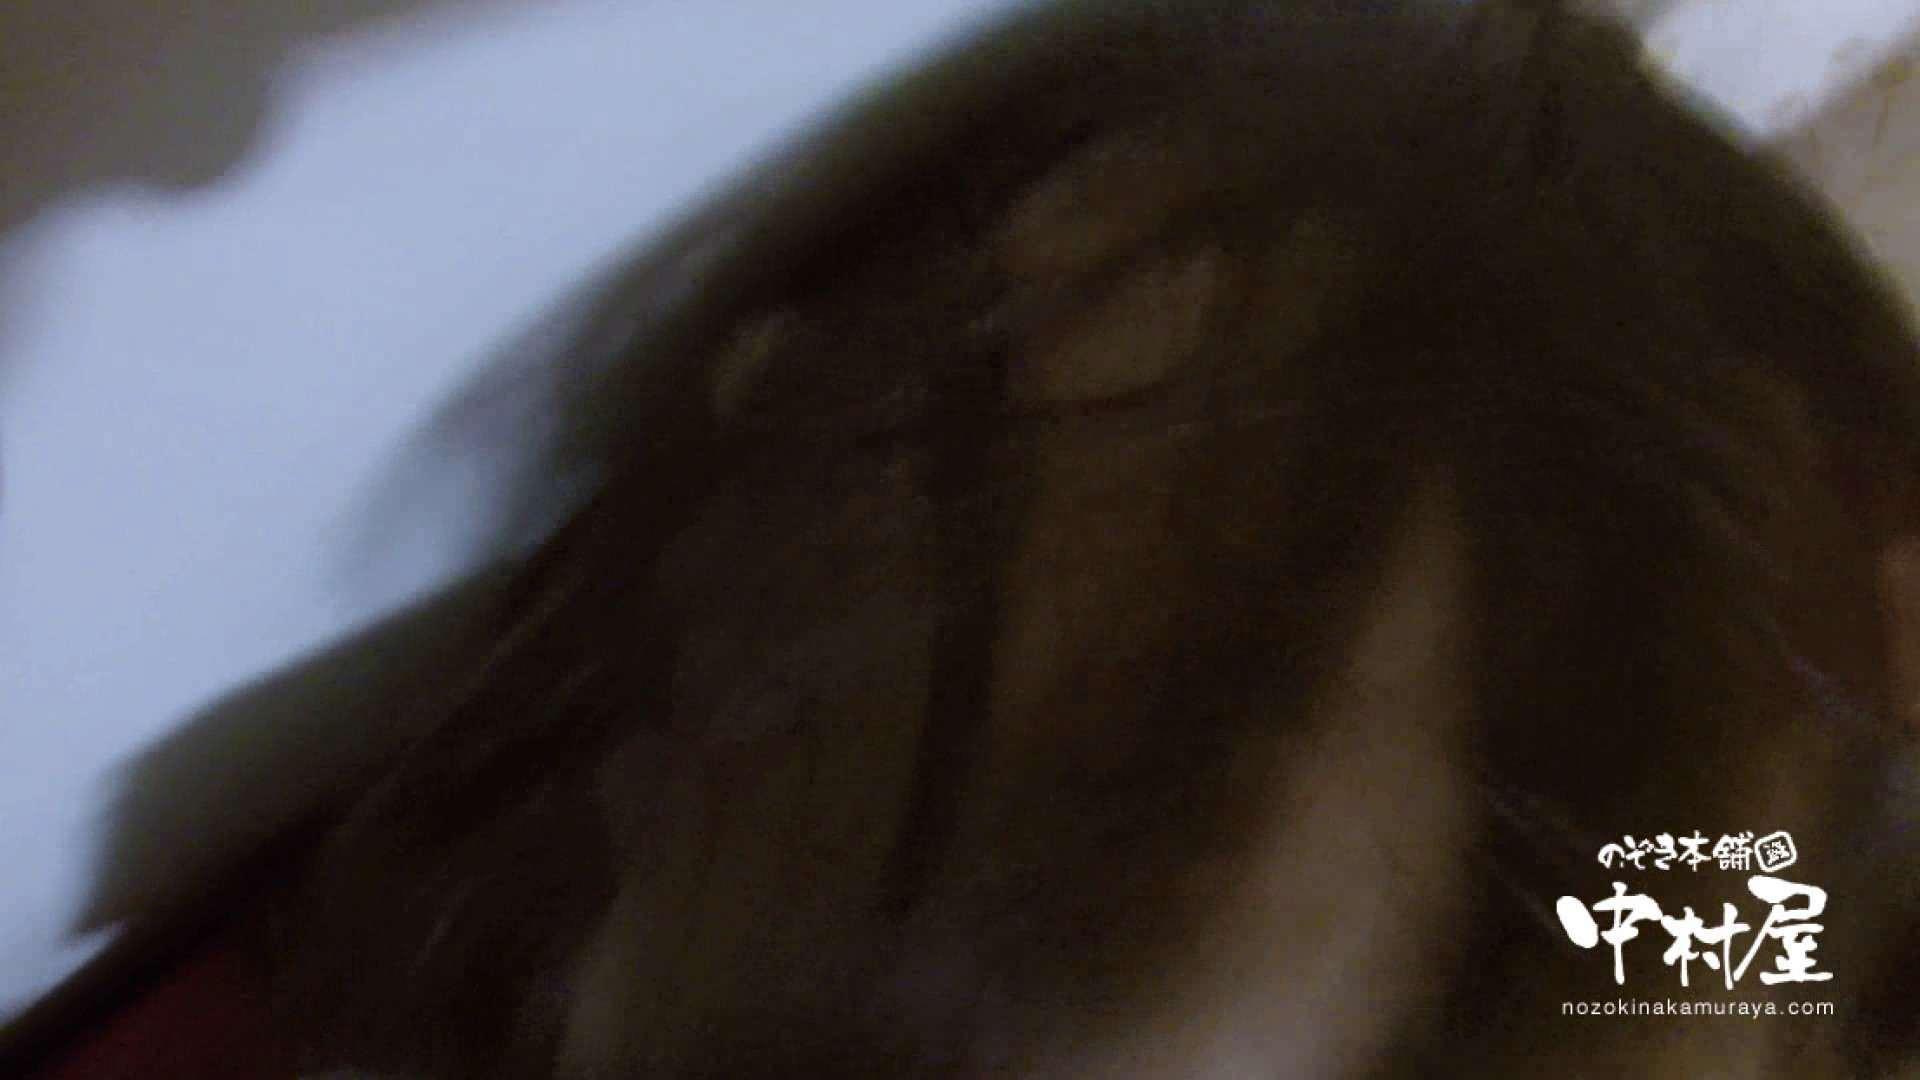 鬼畜 vol.05 誰にも言うなよ! はぃ… 後編 鬼畜  91画像 15